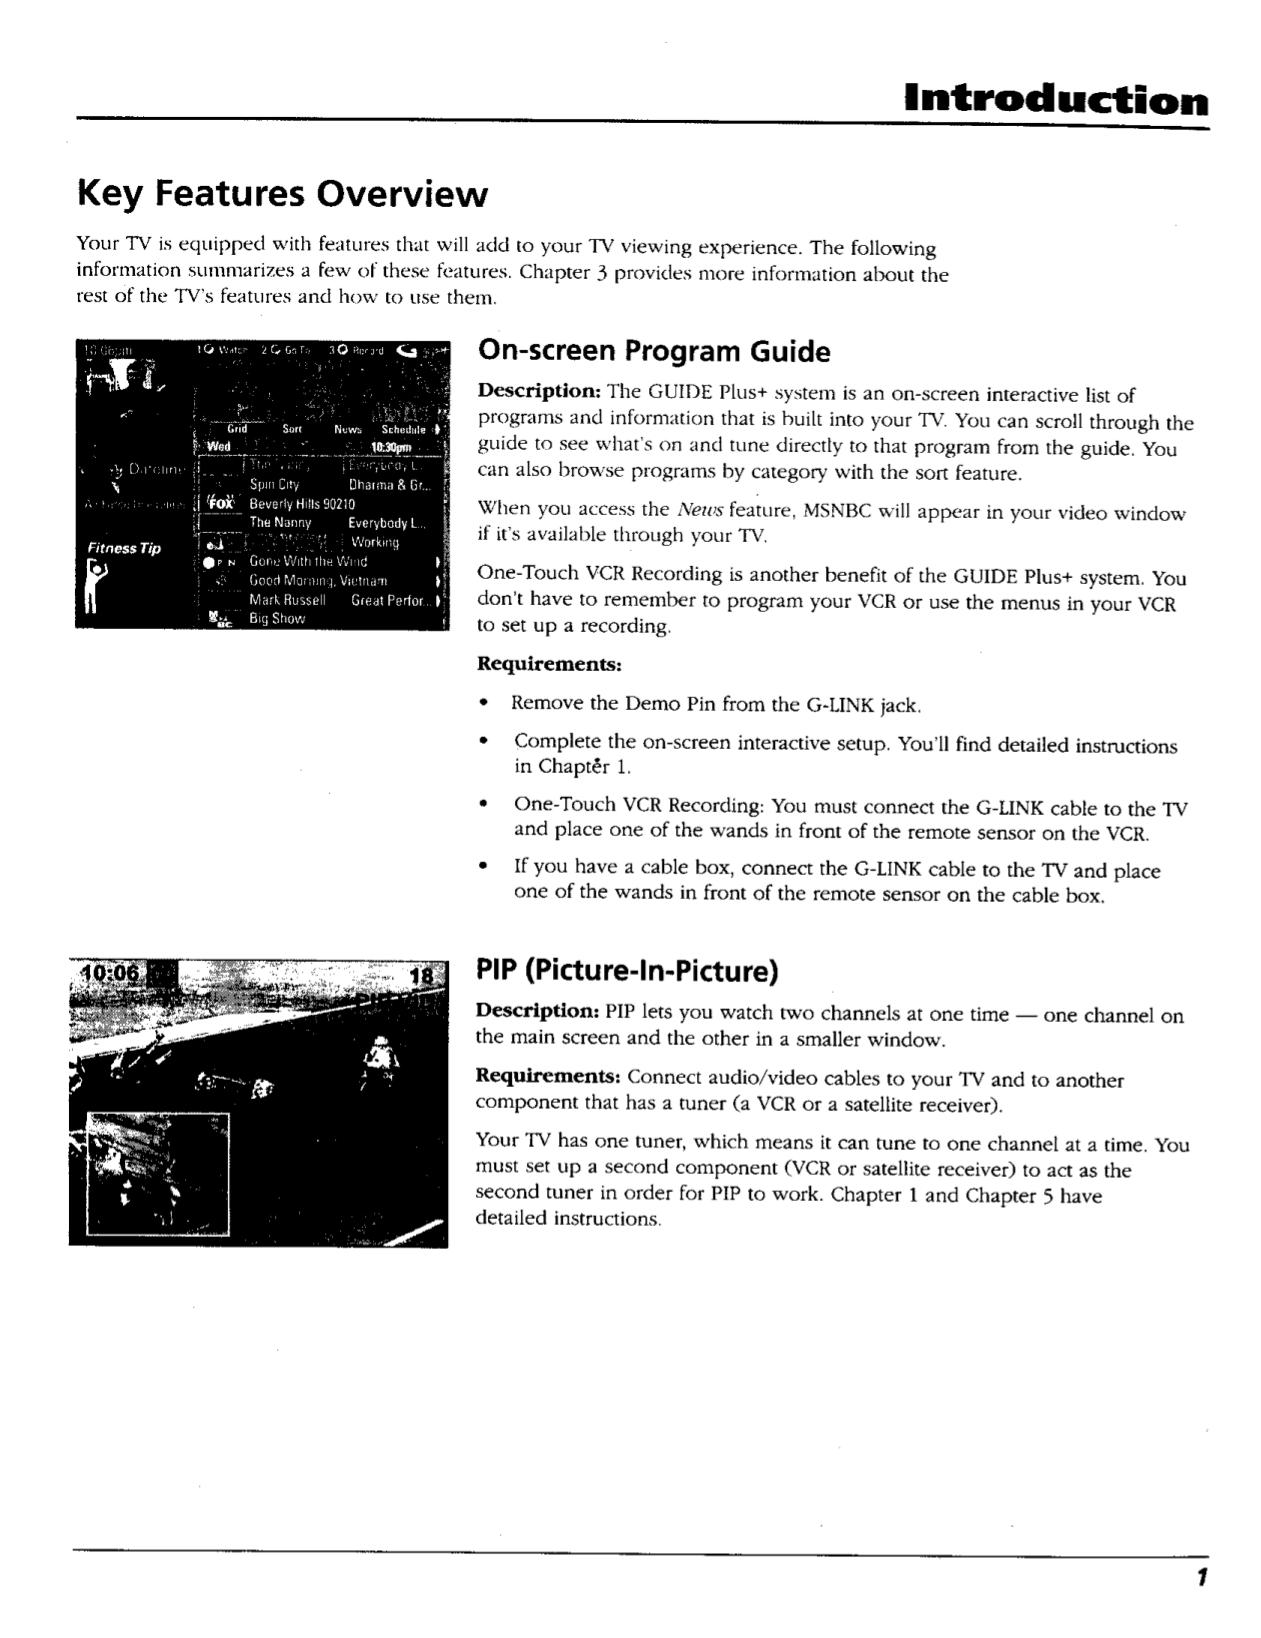 pdf manual for rca tv f36668 rh umlib com Old RCA Manuals RCA 5 Disc Player Manual